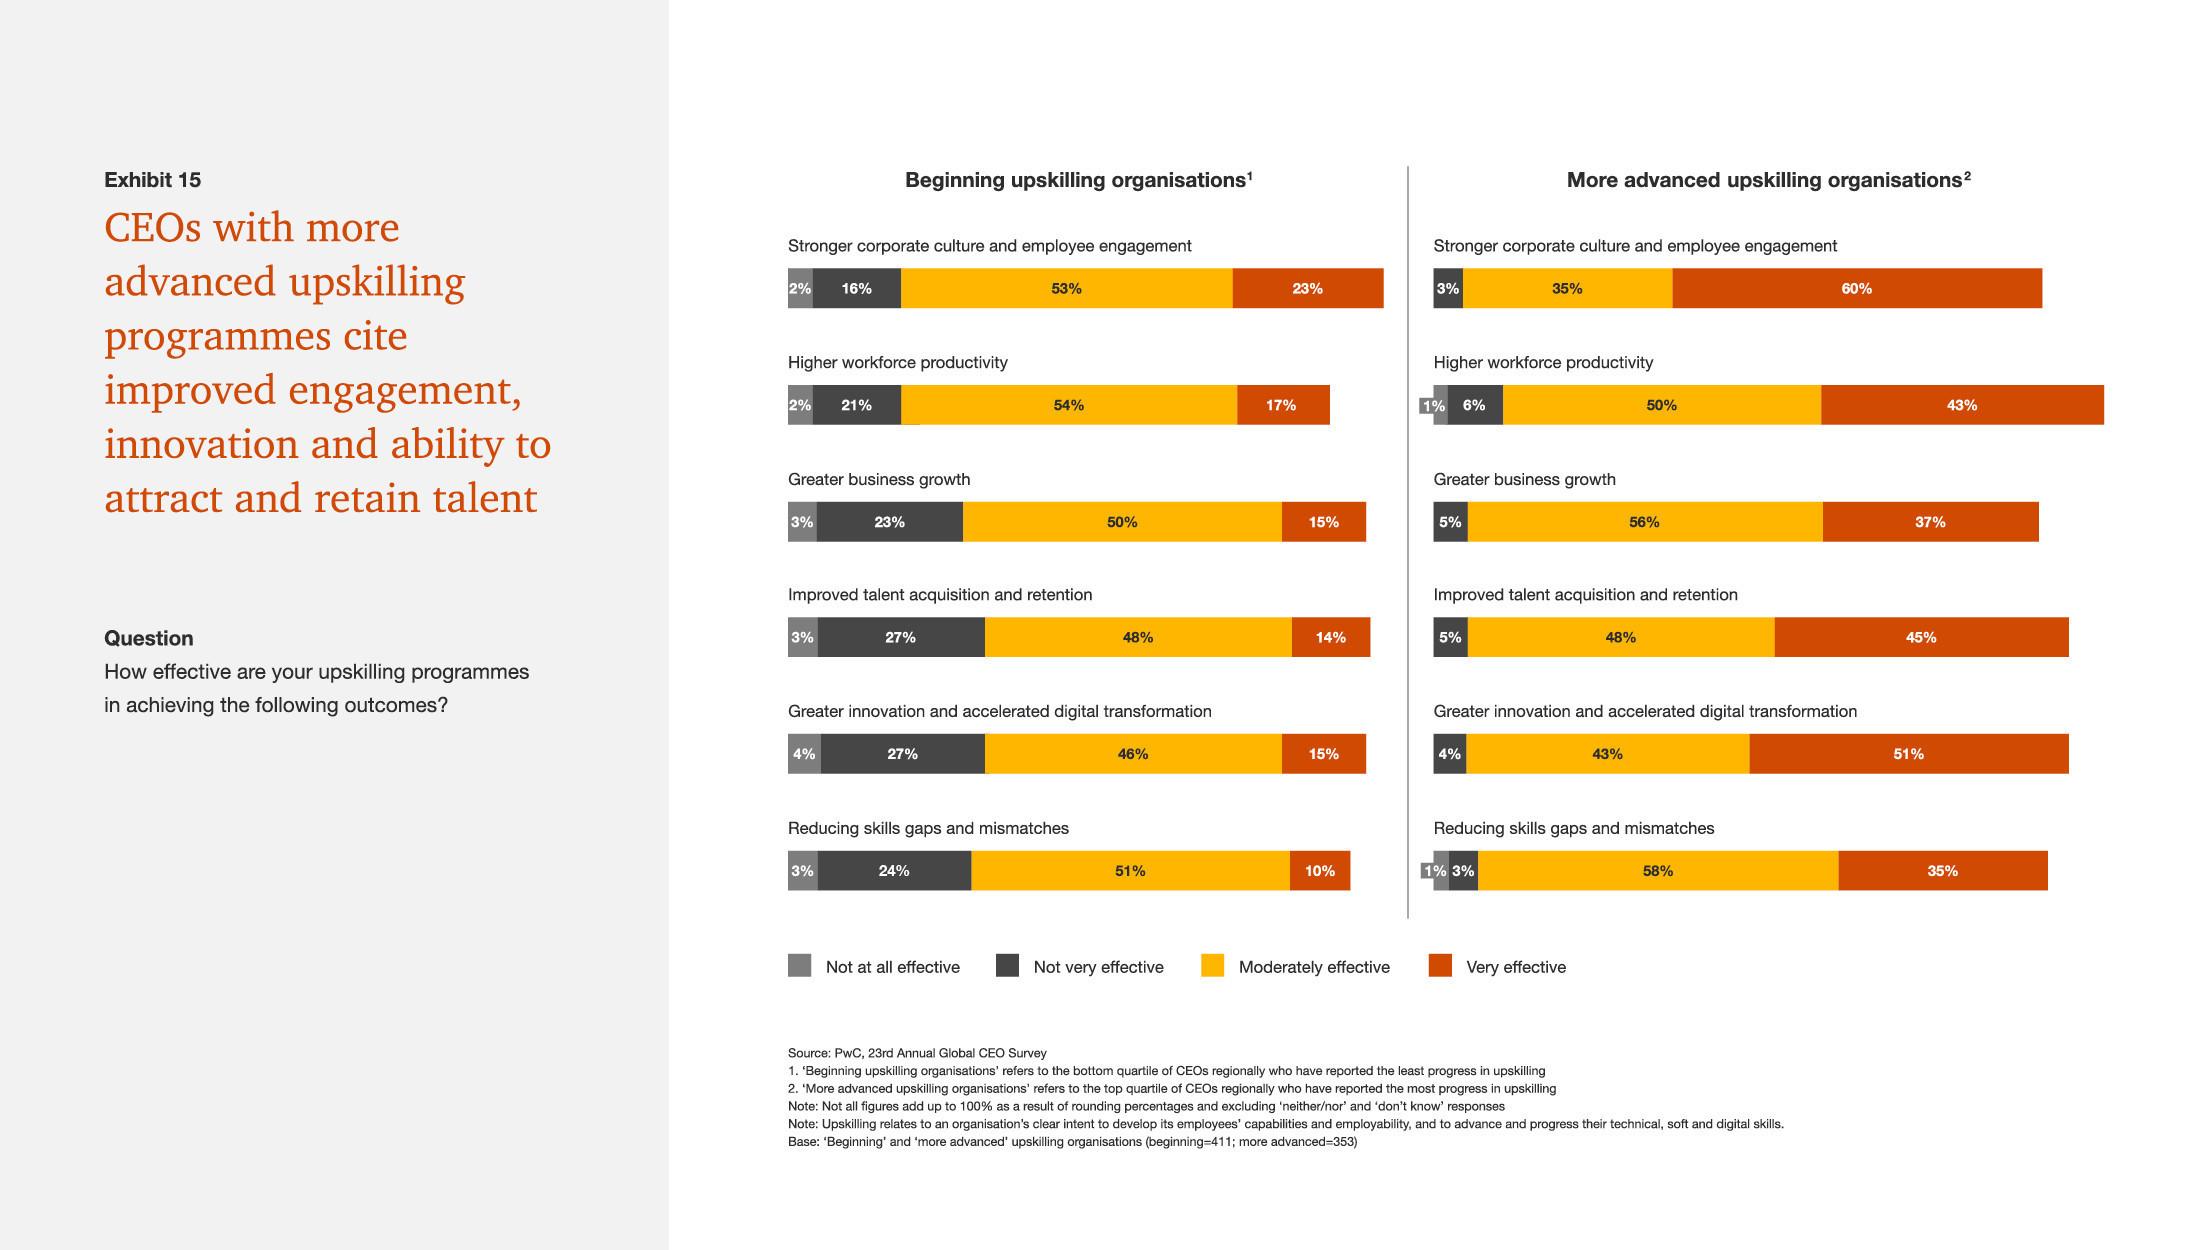 Les PDG classent leurs programmes d'amélioration des compétences selon les critères : pas du tout efficaces à très efficaces.